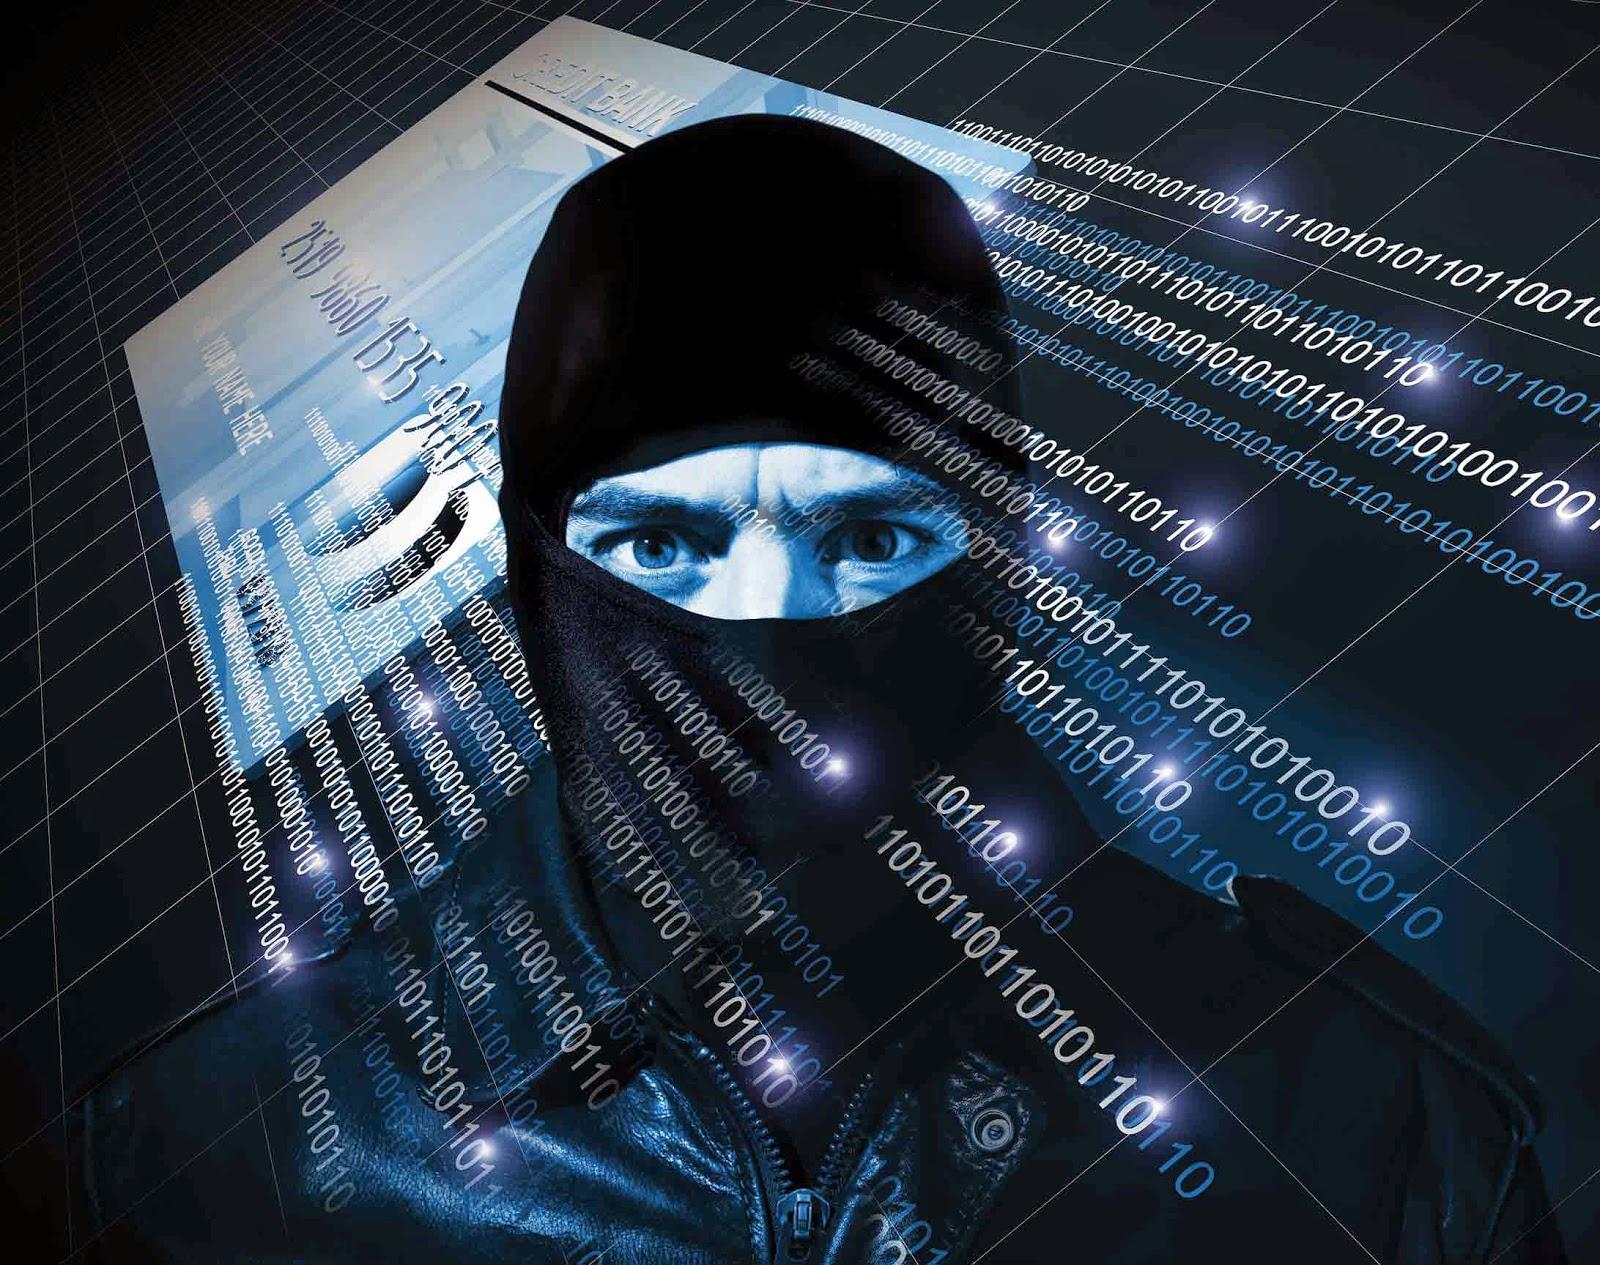 إستأجر هاكر مقابل المال من خلال موقع Hackers List - مدونة الحماية